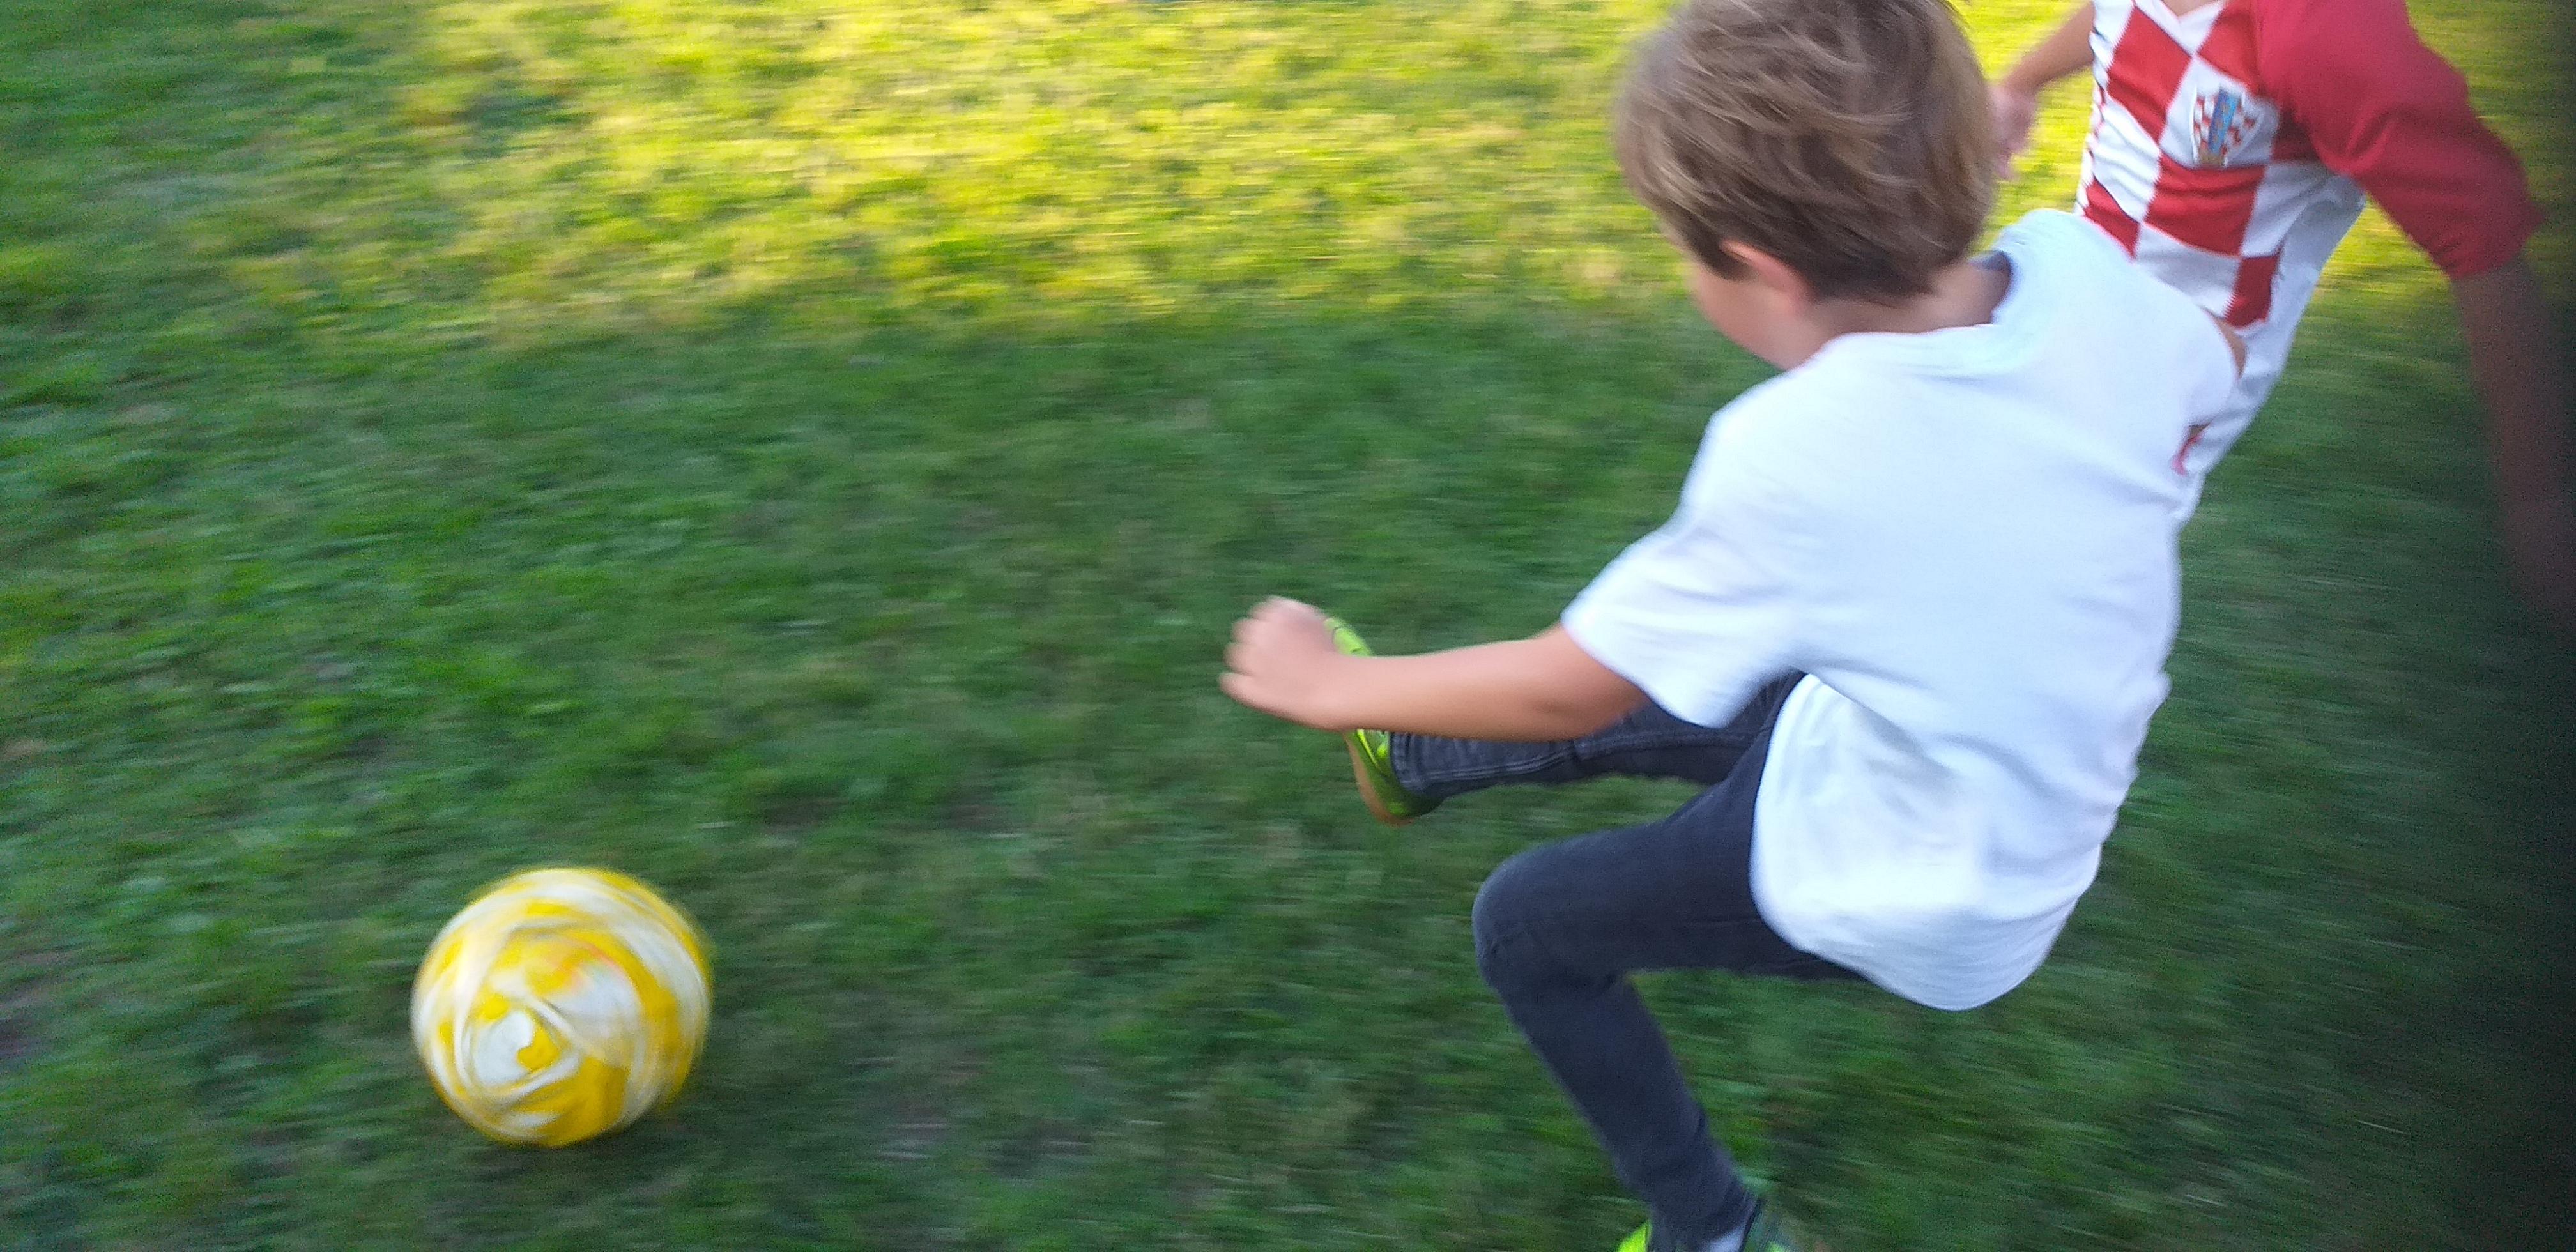 Das Hobbyfußballtraining in Rodaun gibt es wieder!